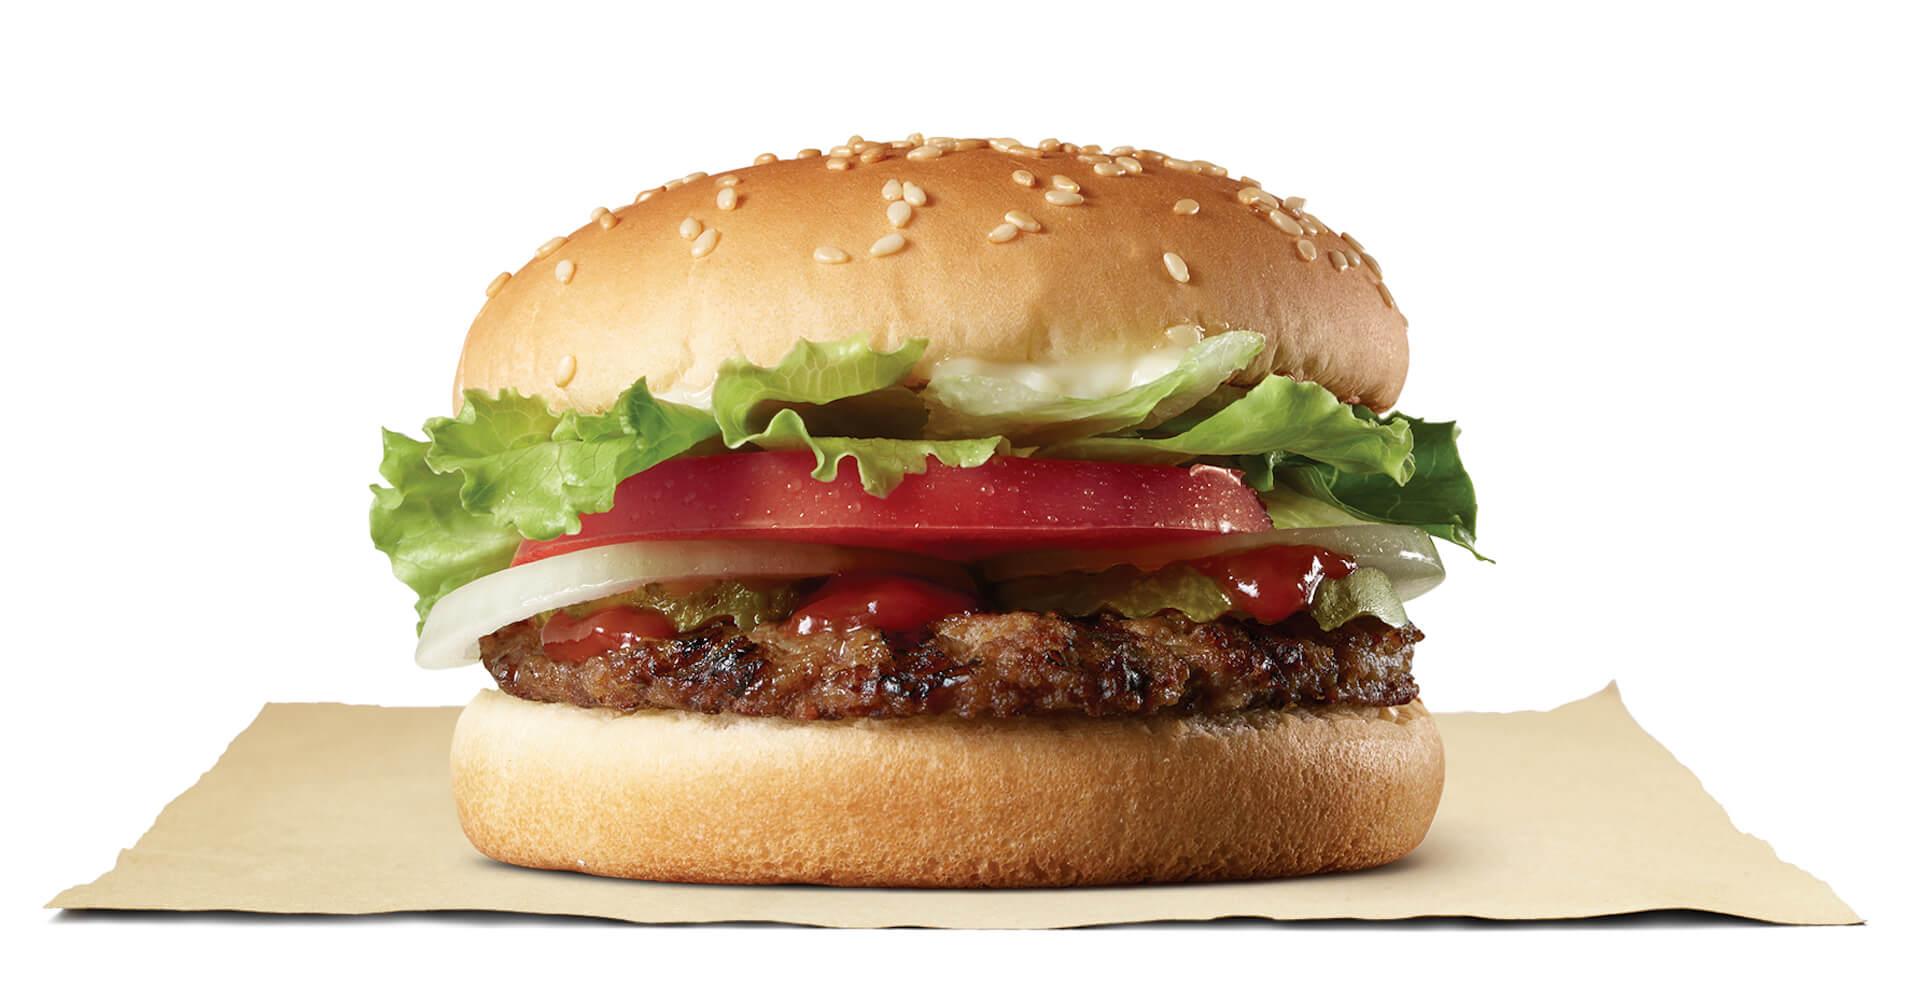 バーガーキングのワッパージュニア(R)がテイクアウト限定の180円で食べられるキャンペーンがスタート! gourmet200619_burgerking_2